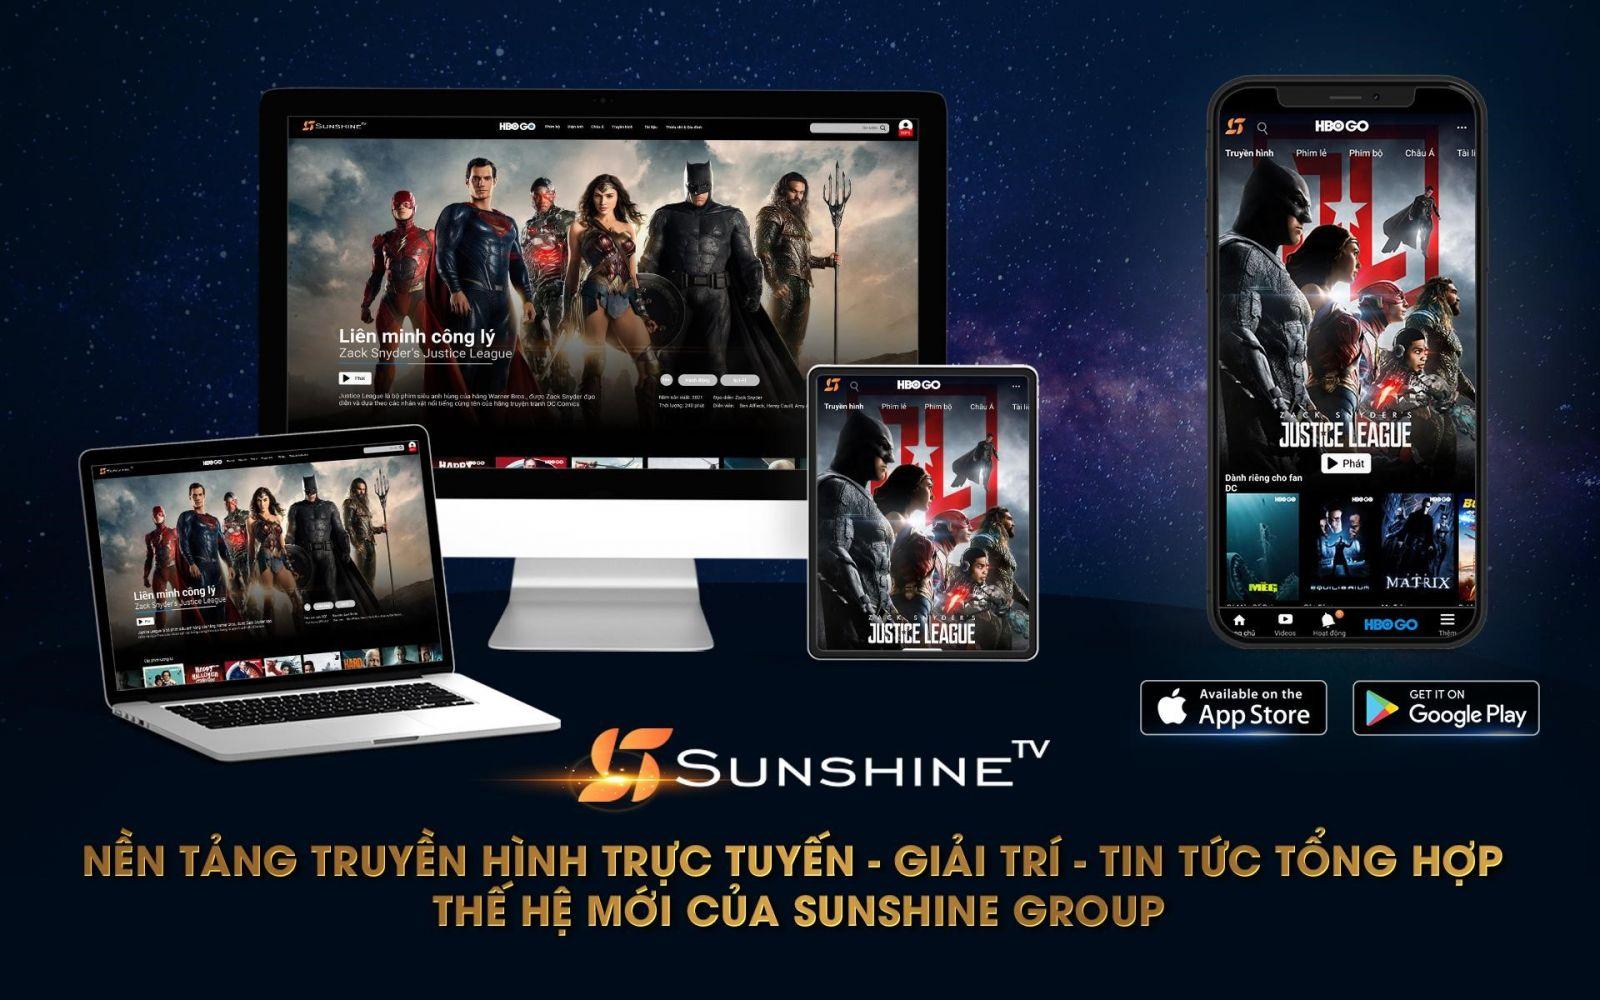 Ra mắt Sunshine TV